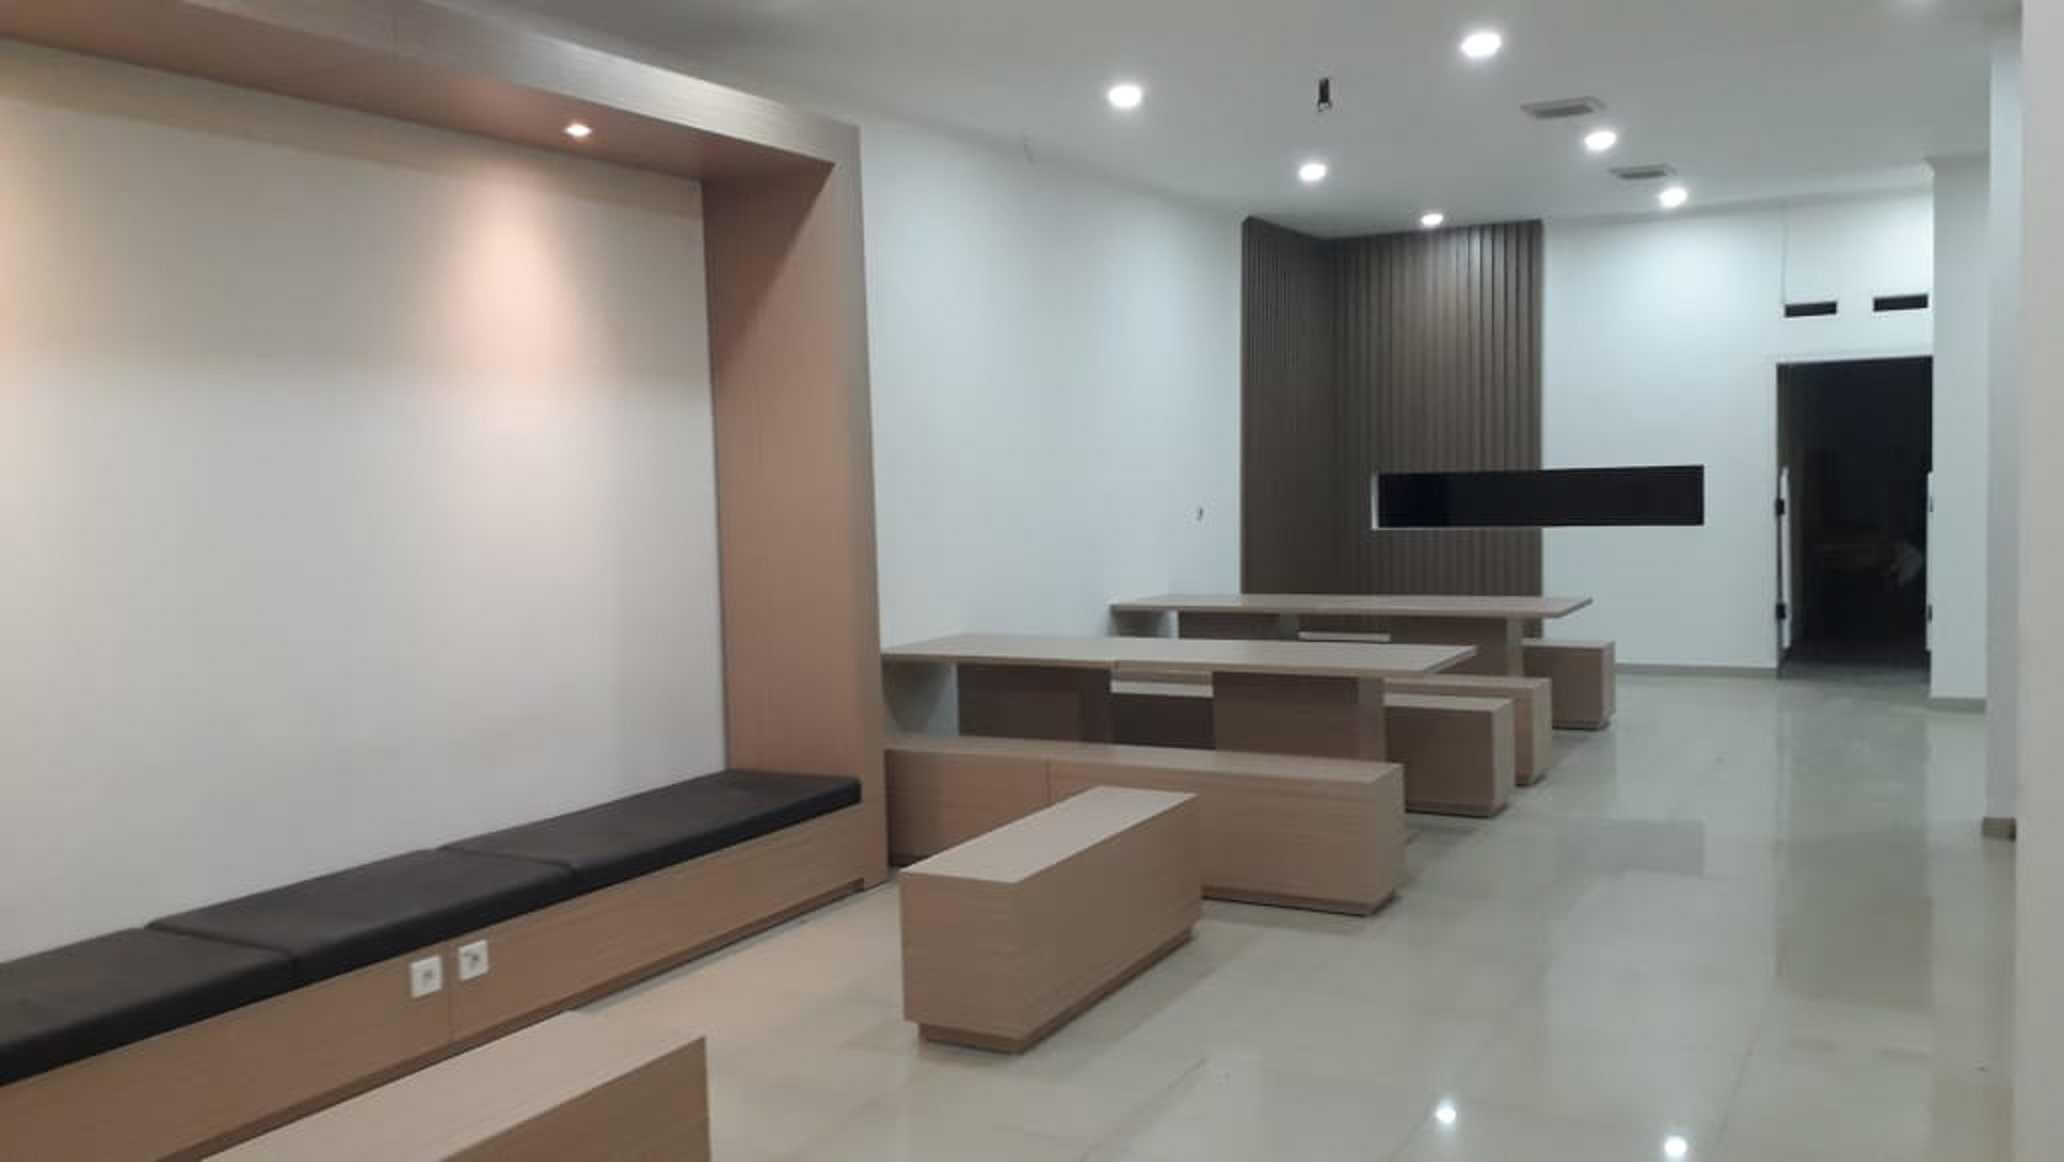 Megadesain Interior Design And Build Interior Cafe - Sukabumi Sukabumi Regency, Jawa Barat, Indonesia Sukabumi Regency, Jawa Barat, Indonesia Megadesain-Interior-Design-And-Build-Interior-Cafe-Sukabumi   129620